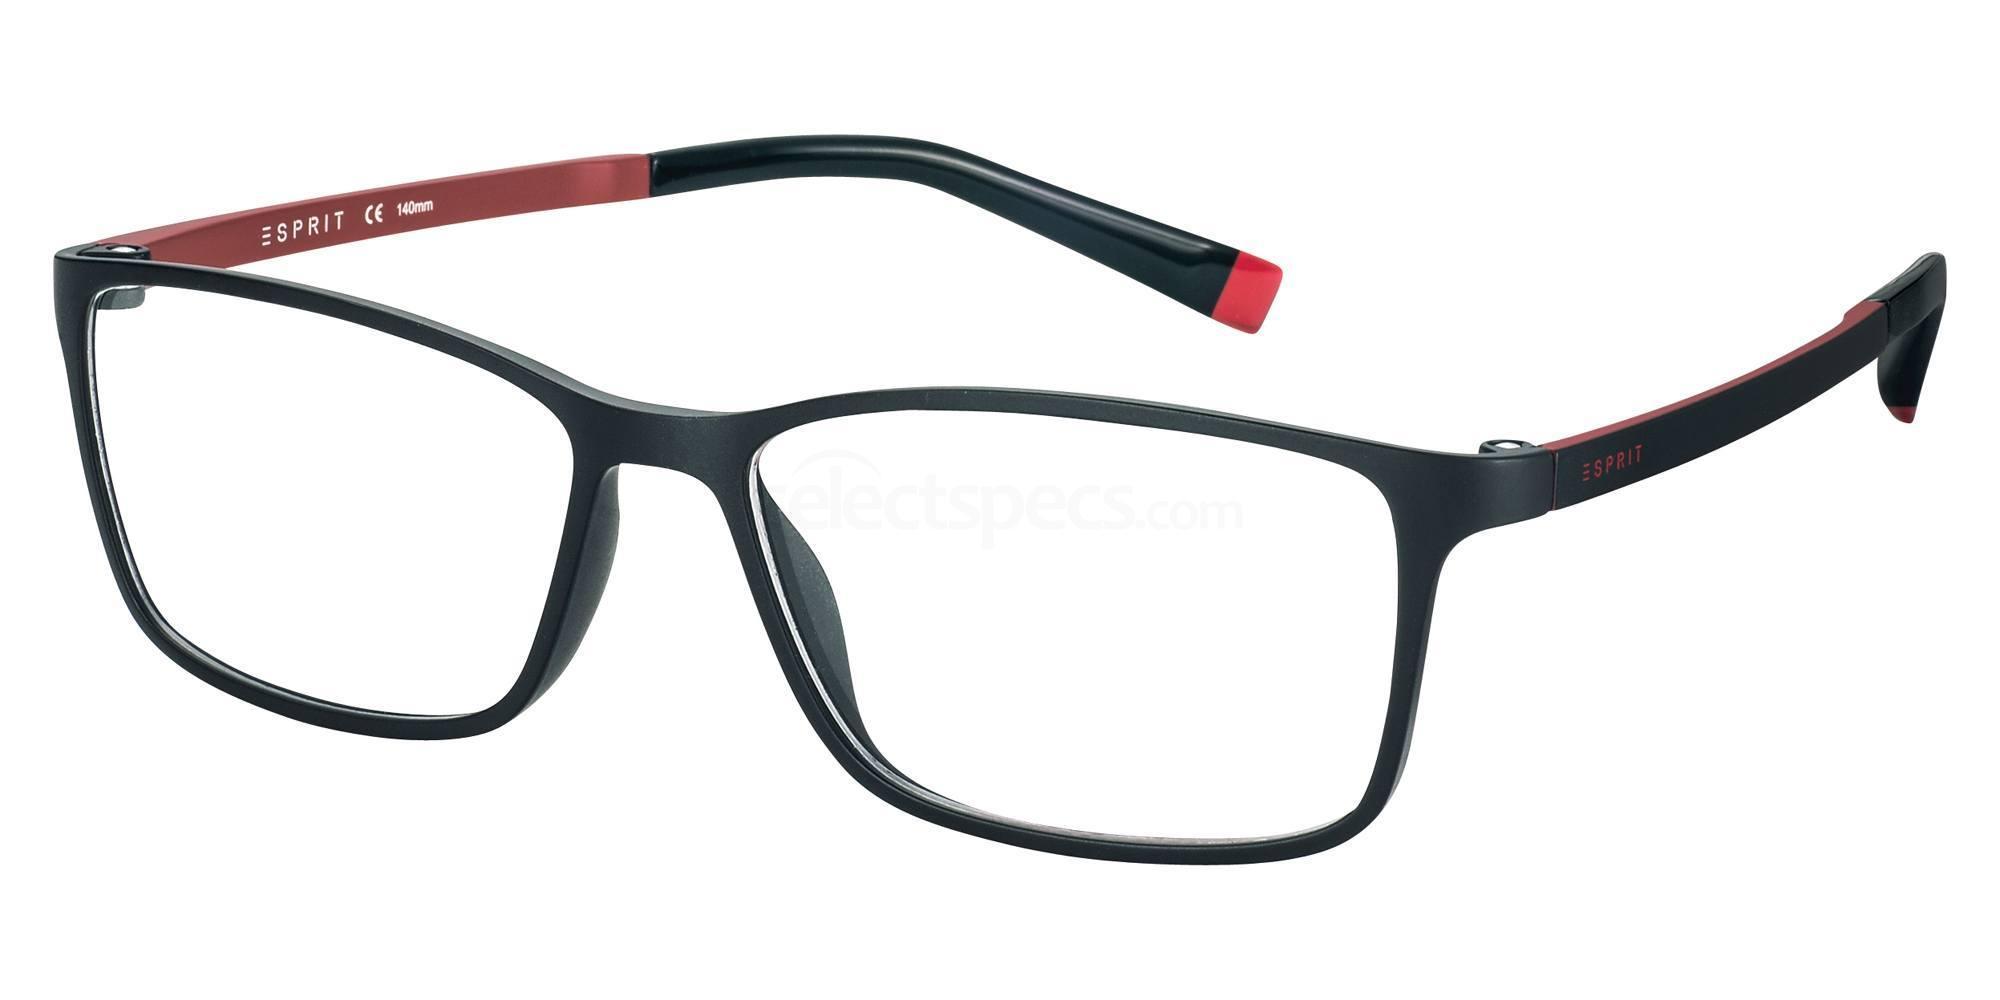 538 ET17464 Glasses, Esprit